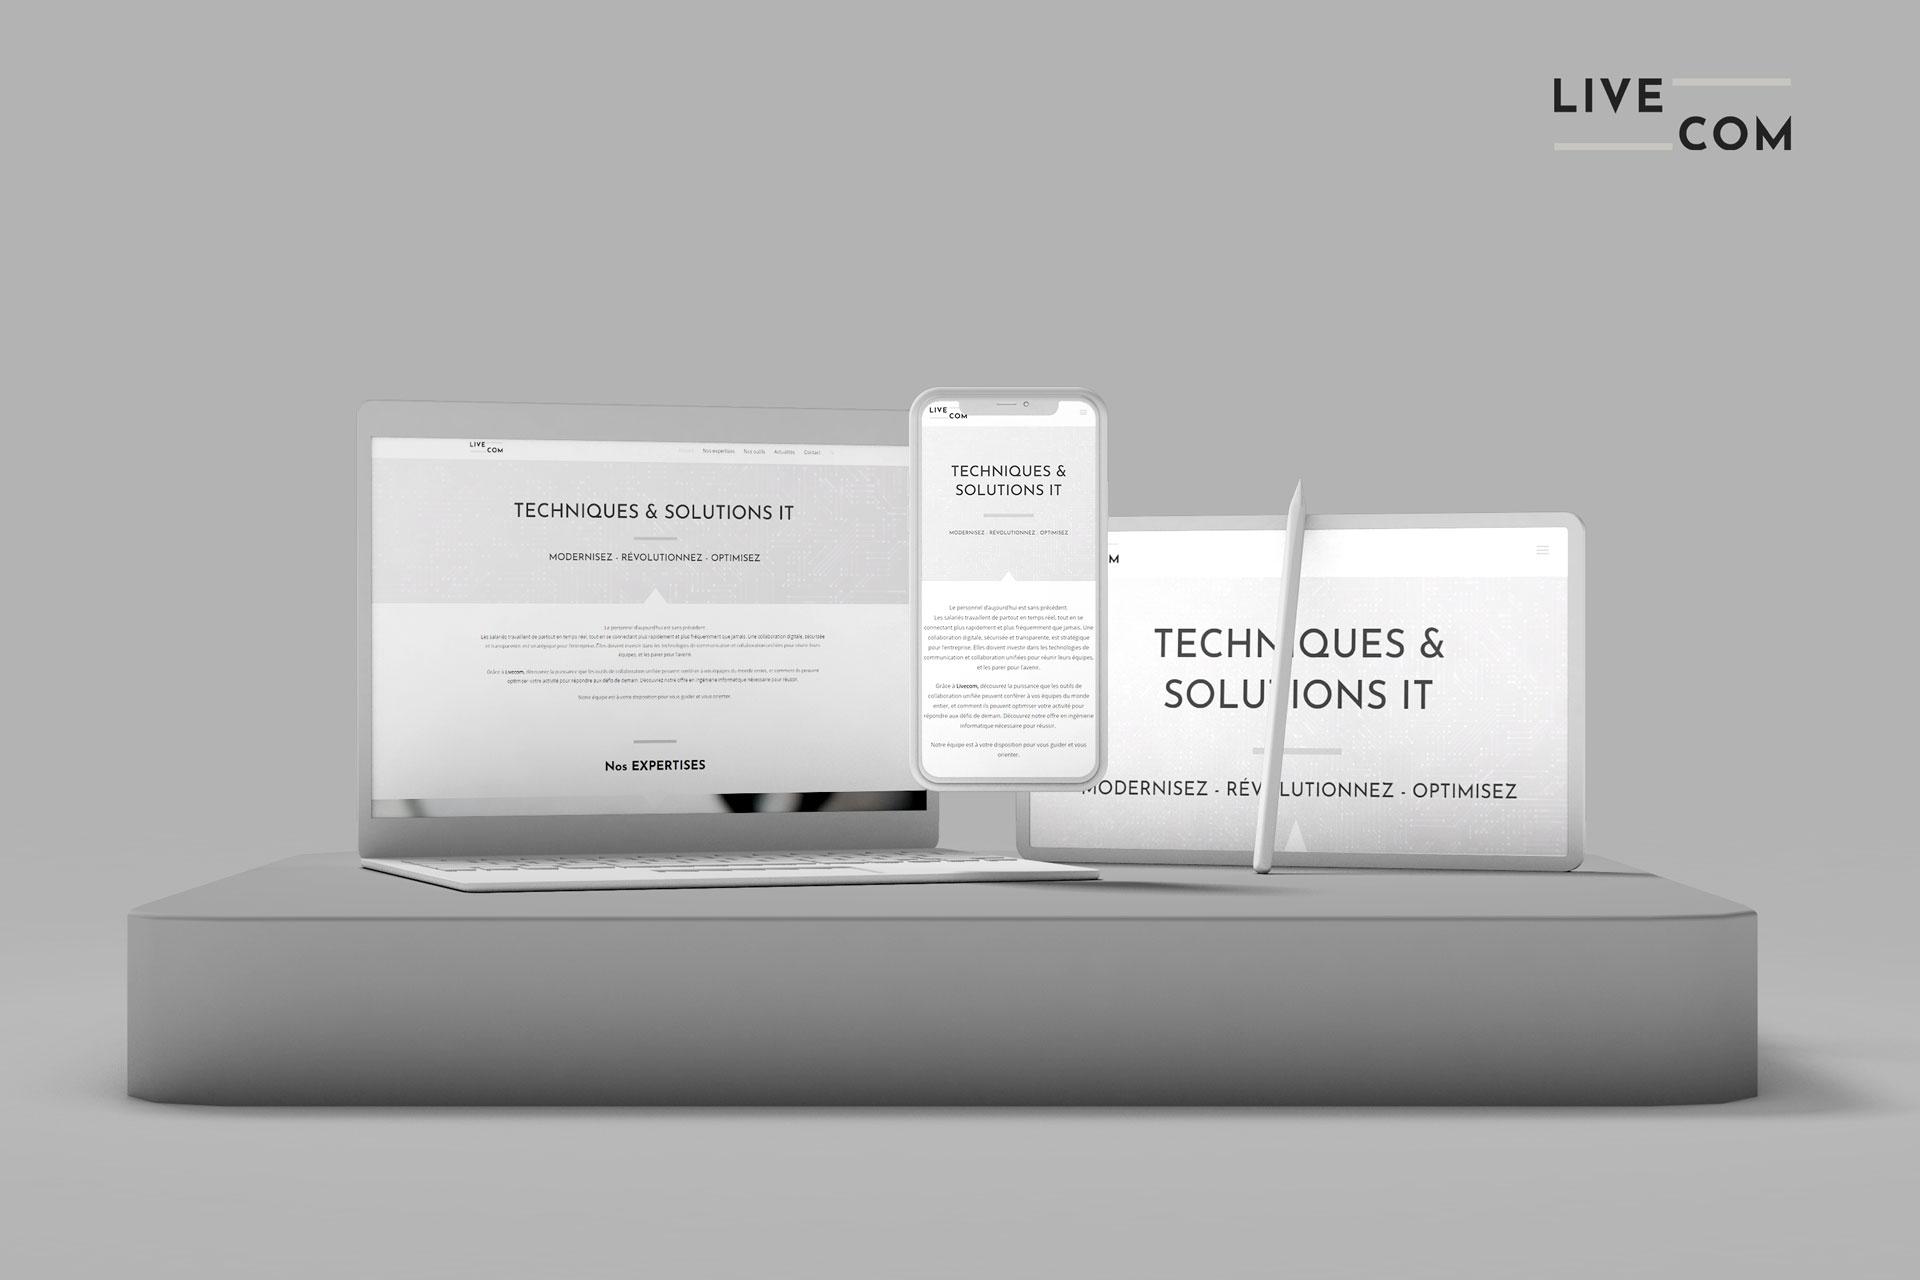 mockup livecom, technologies IT, client d'i-media, agence de communication digitale à Rouen